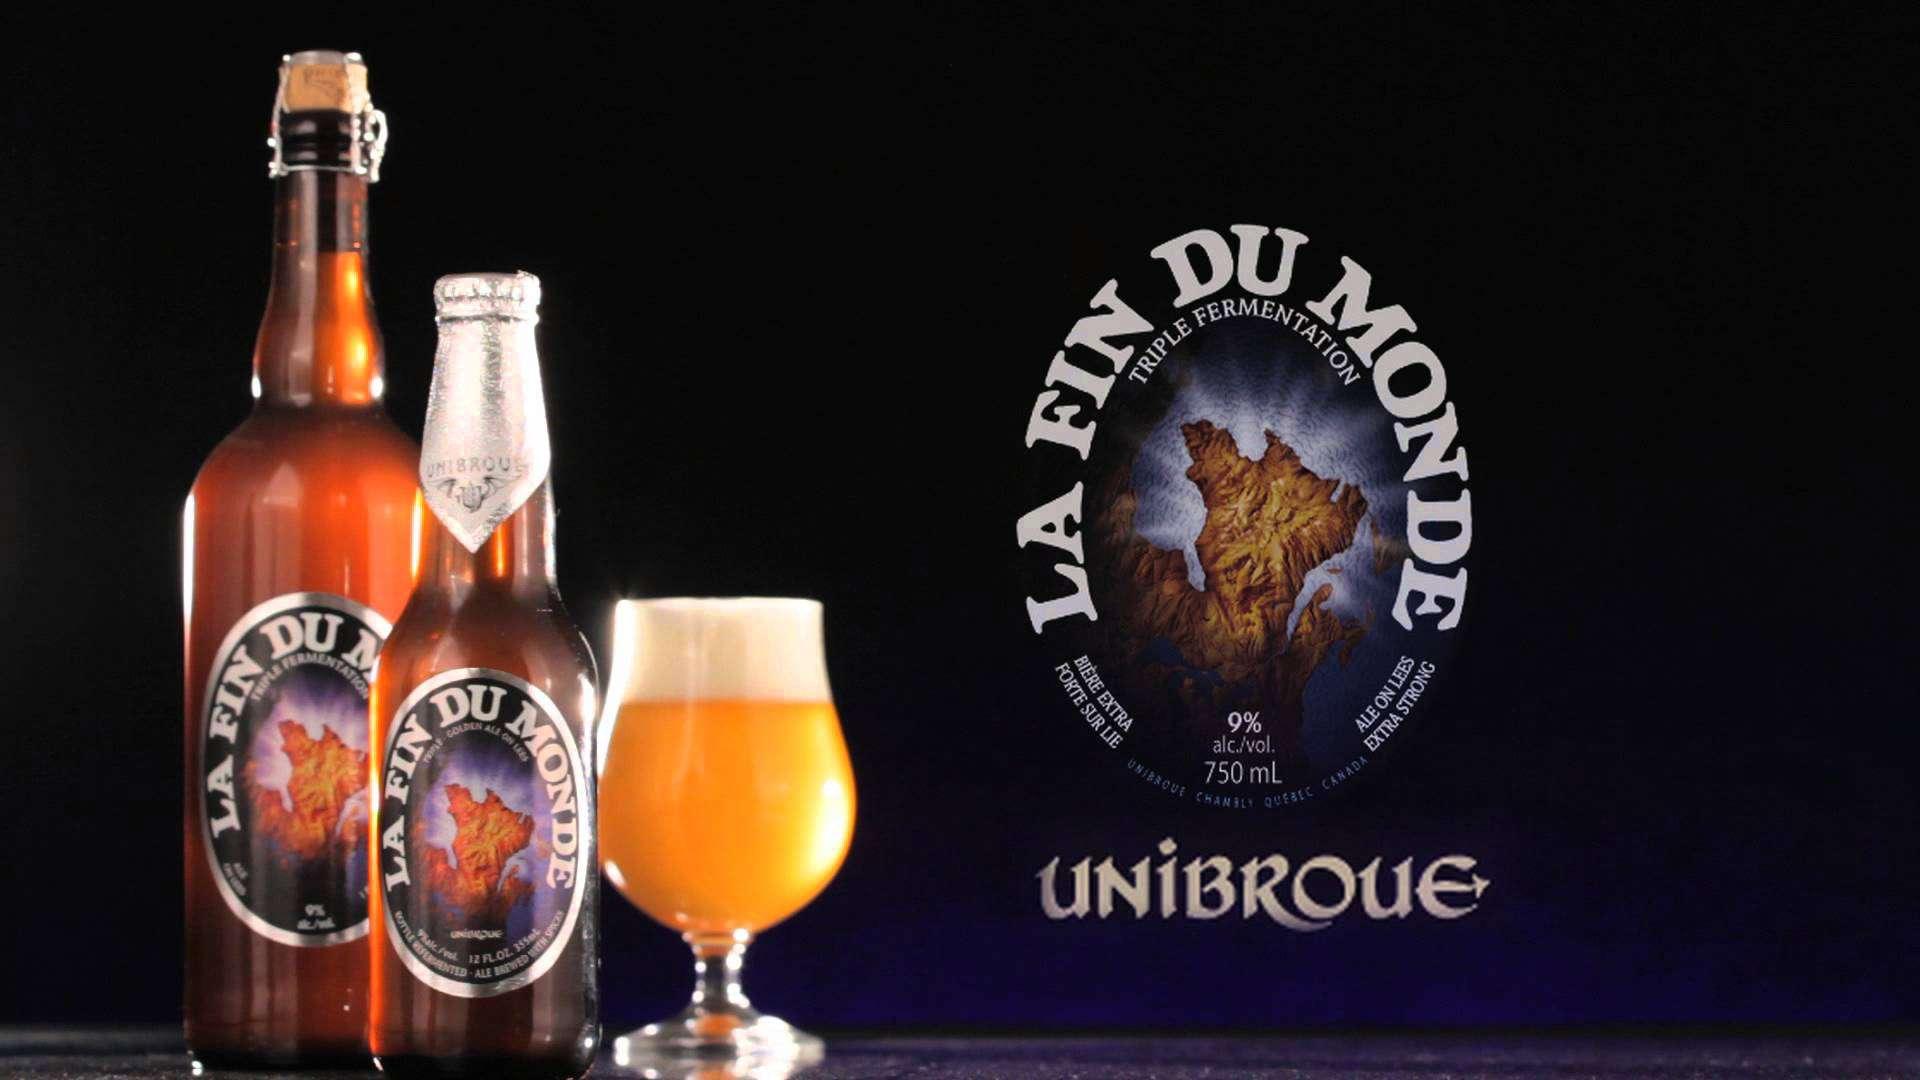 Unibroue's La Fin du Monde – best tasting beer